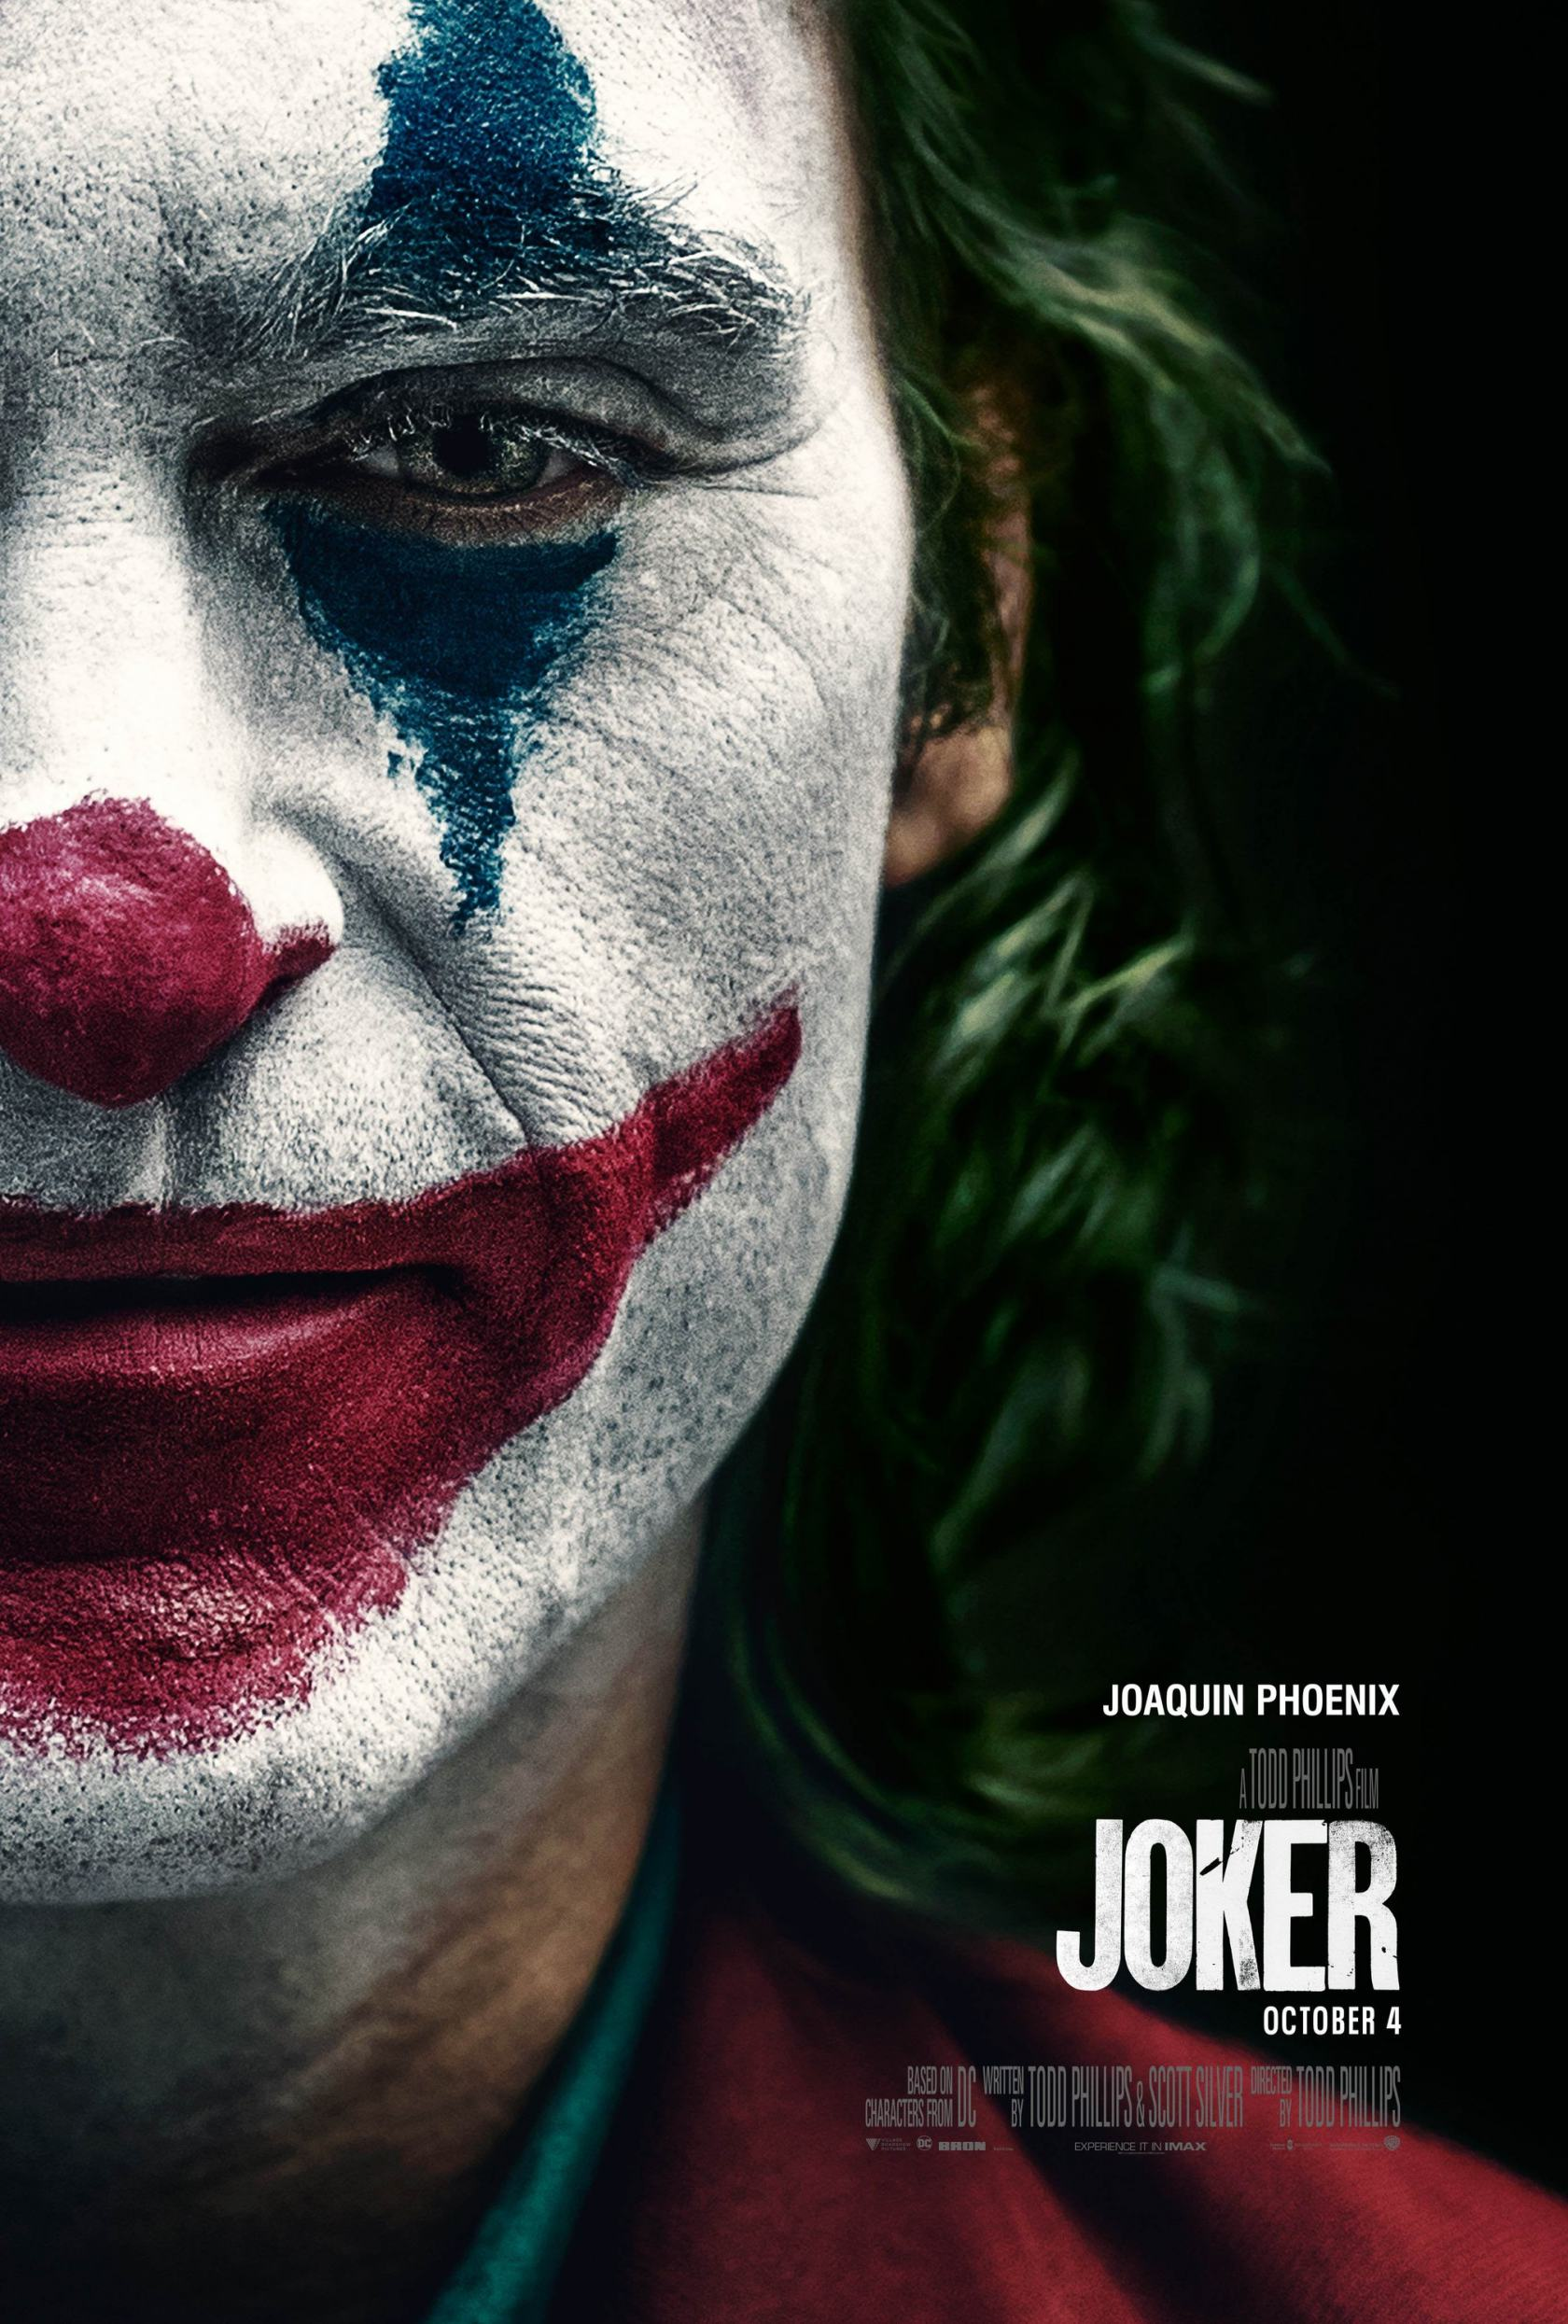 30 Jahre Joker-Manie: Der Gotham-Schurke im Wandel der Zeit